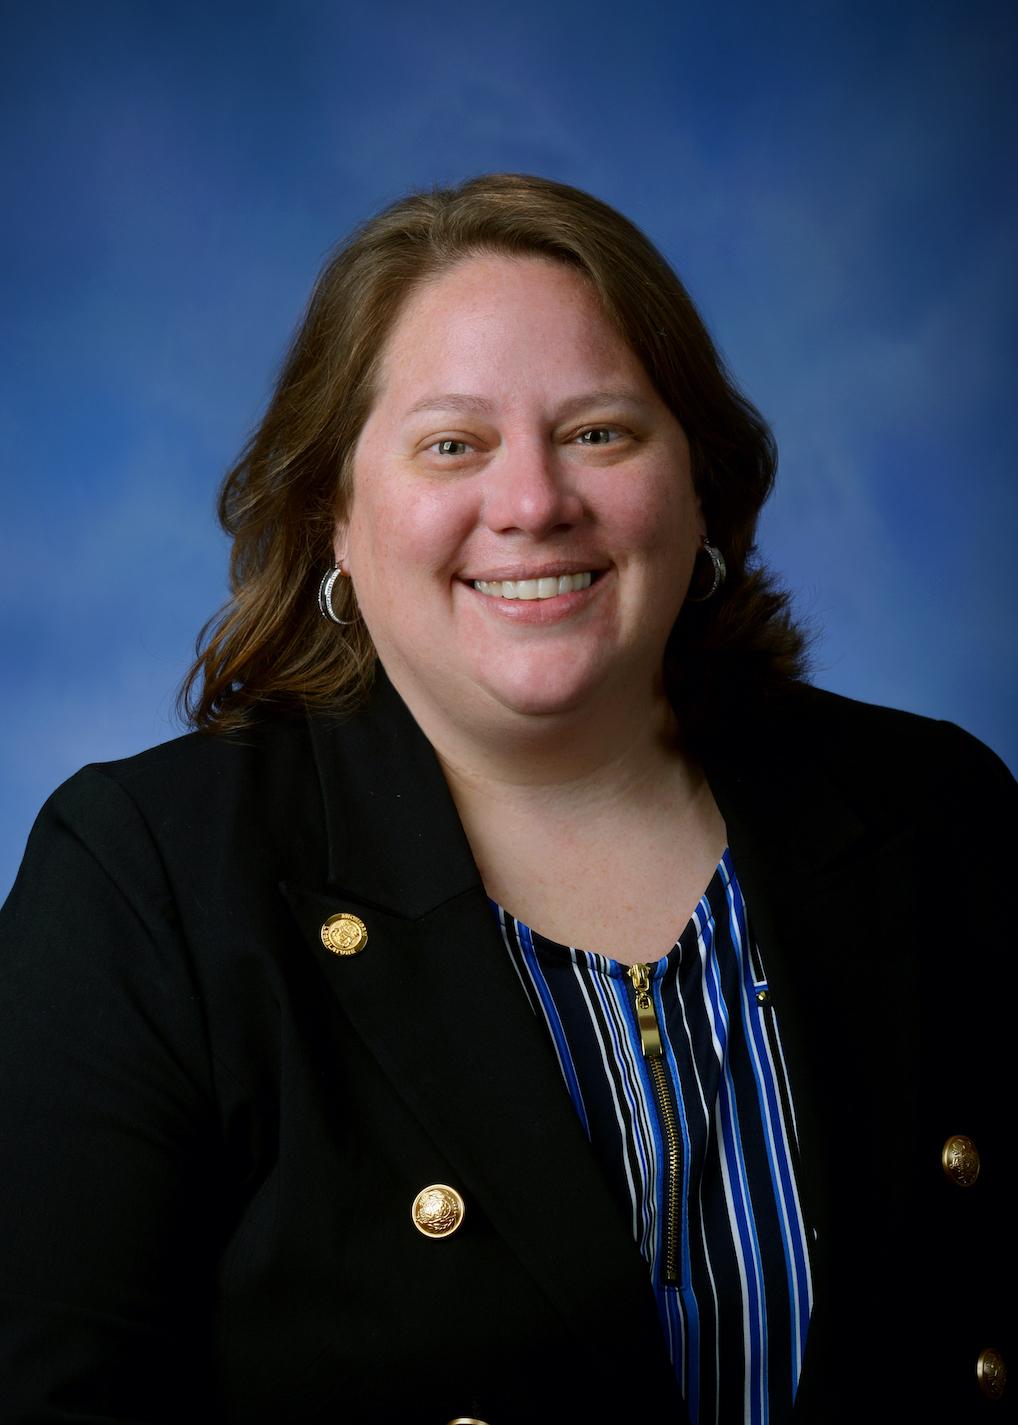 Sarah Lightner